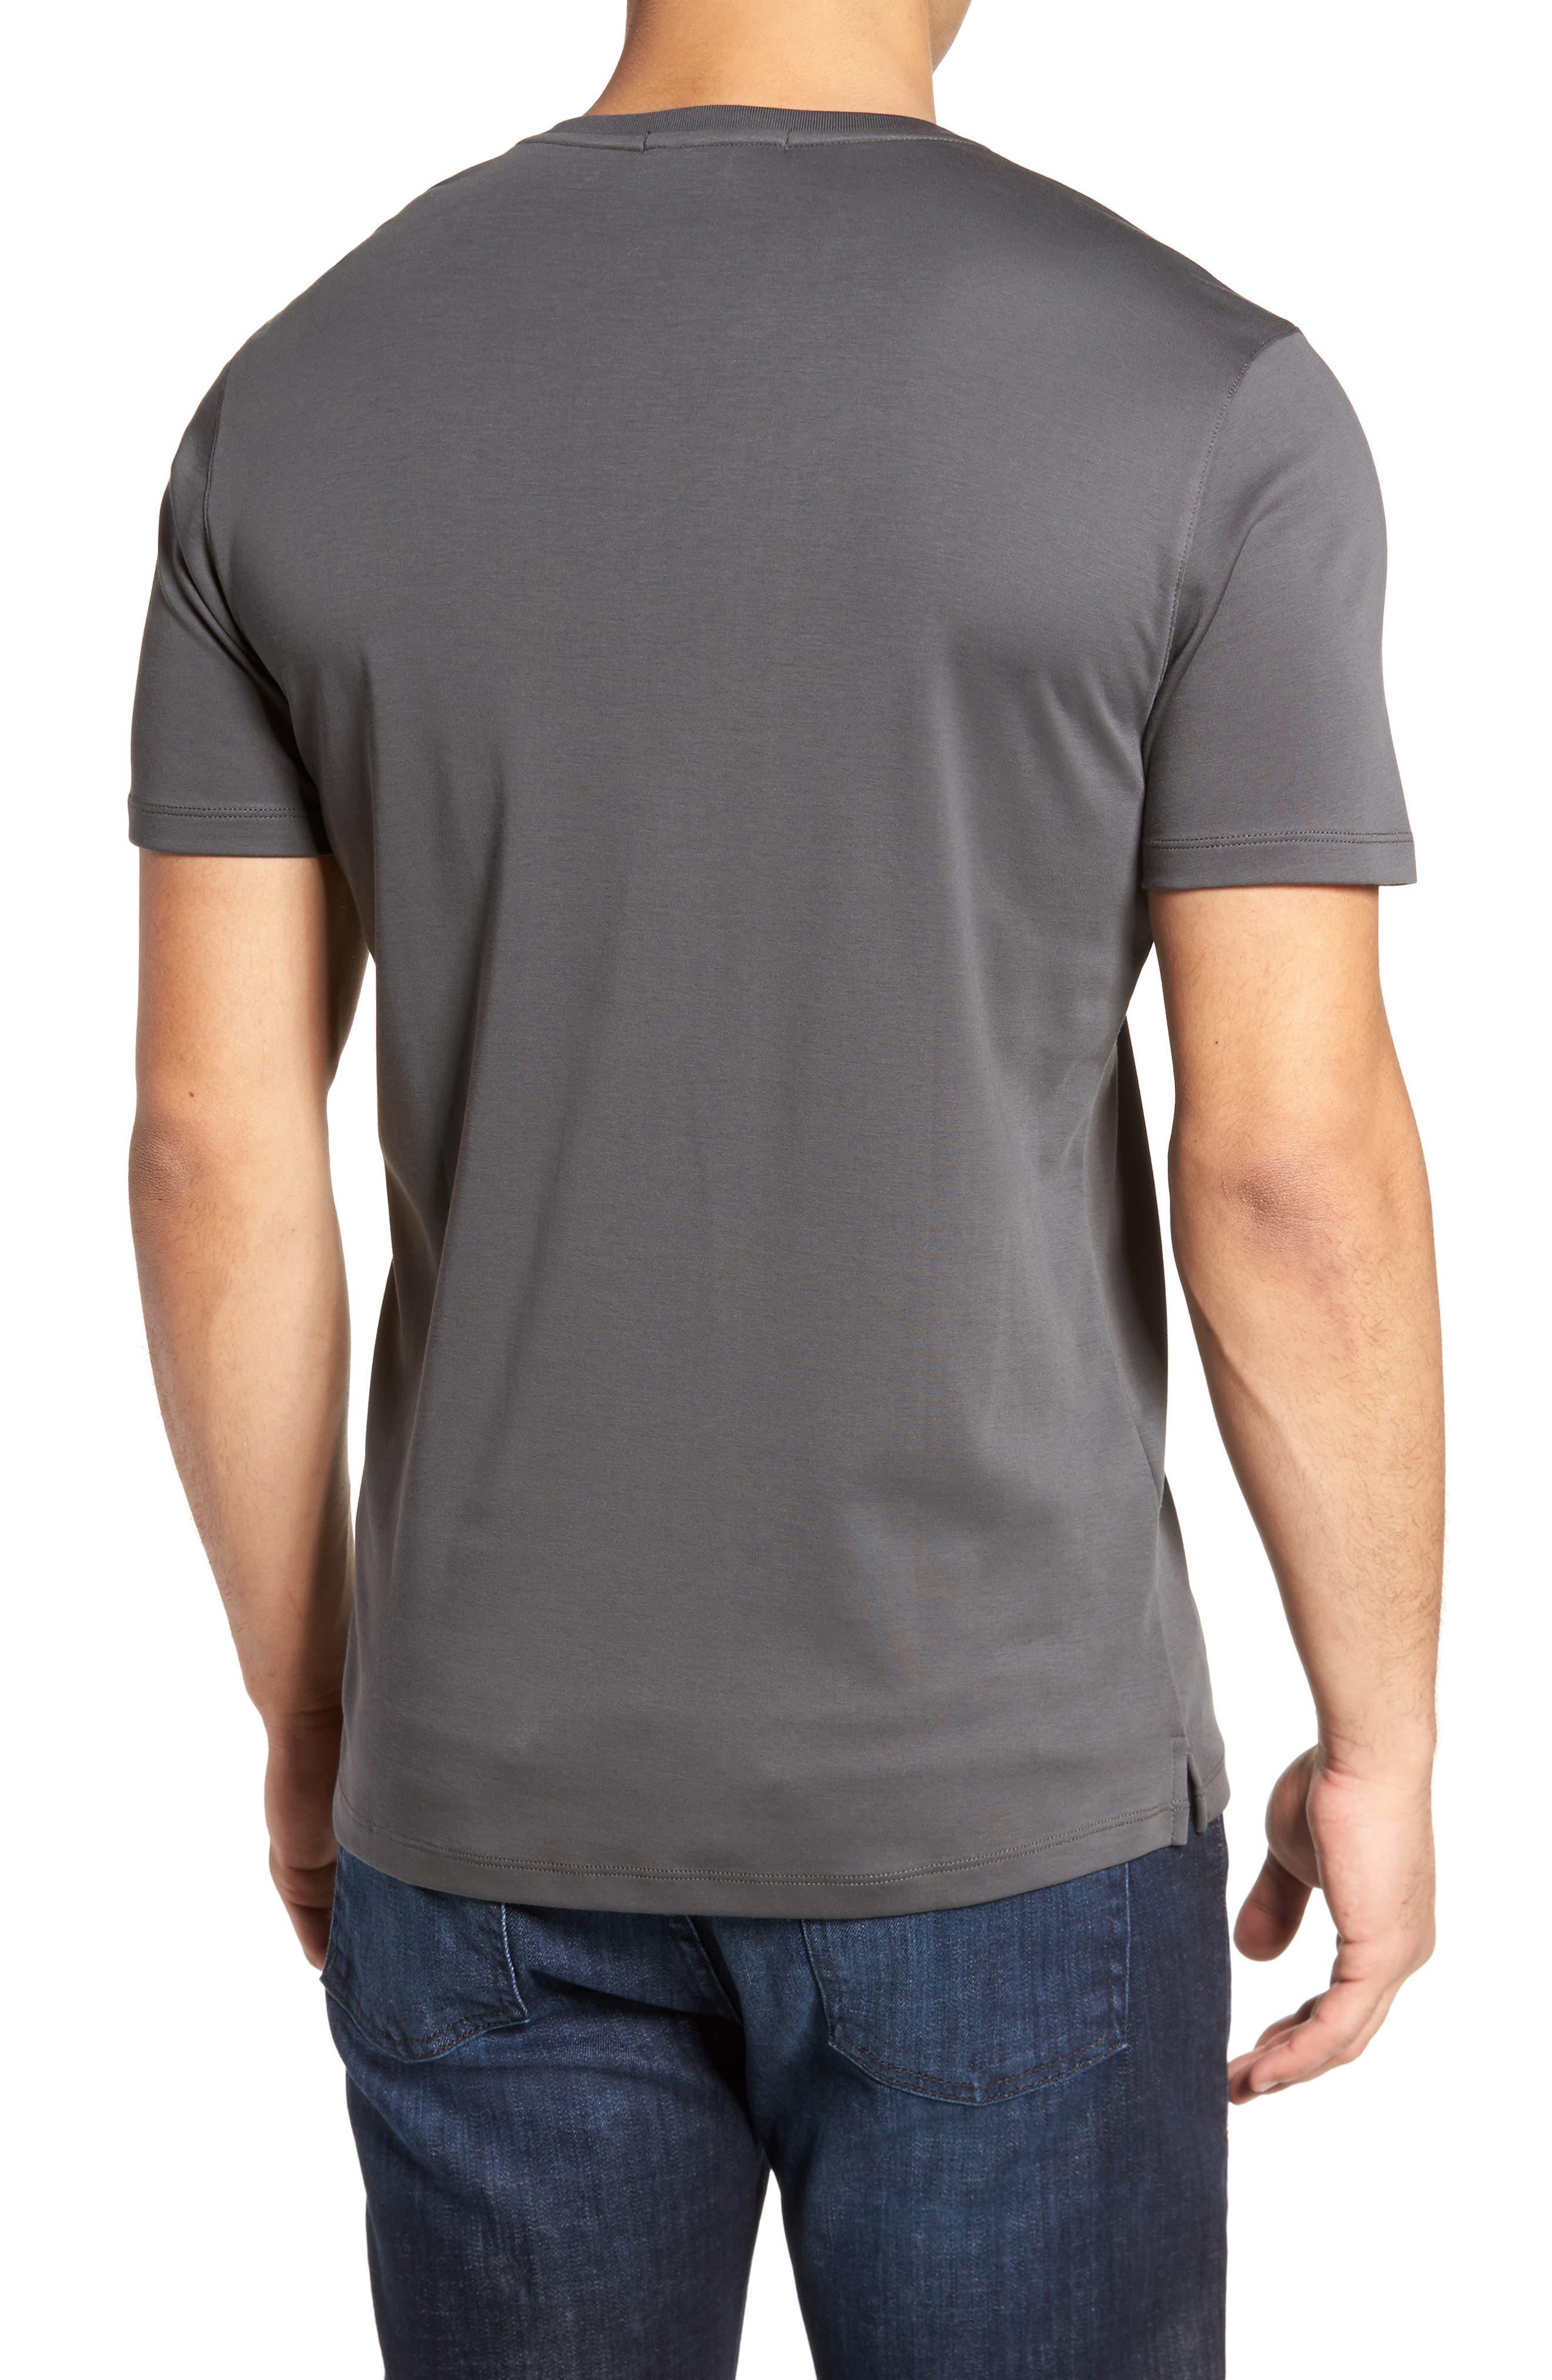 Alternate Image 2  - Robert Barakett Georgia Regular Fit V-Neck T-Shirt